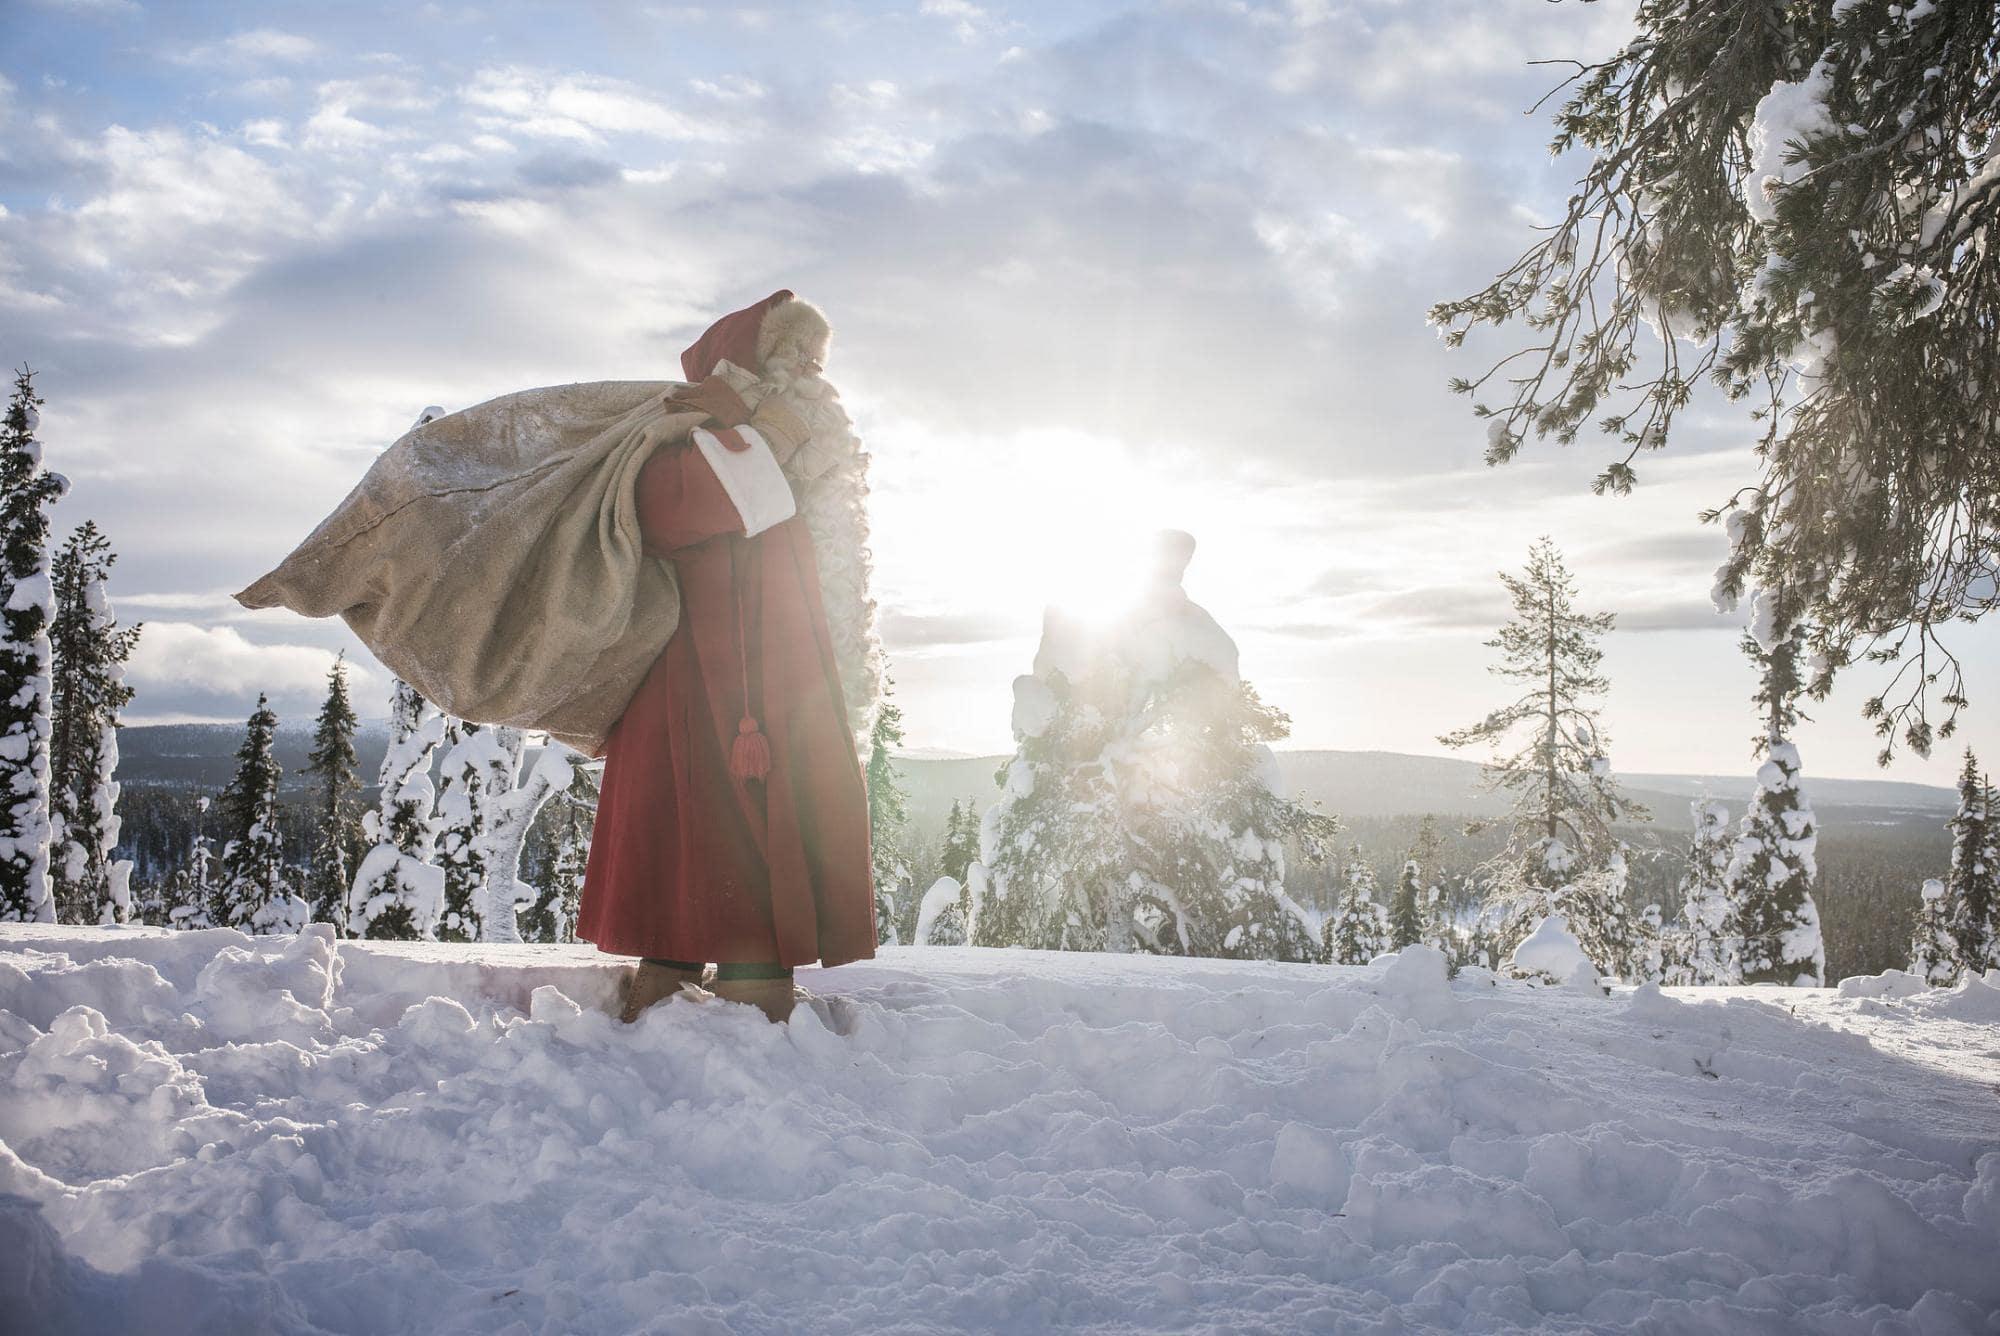 In Finnland kann man seinen Wunschzettel persönlich übergeben. | © Kimmo Syväri / Visit Finland